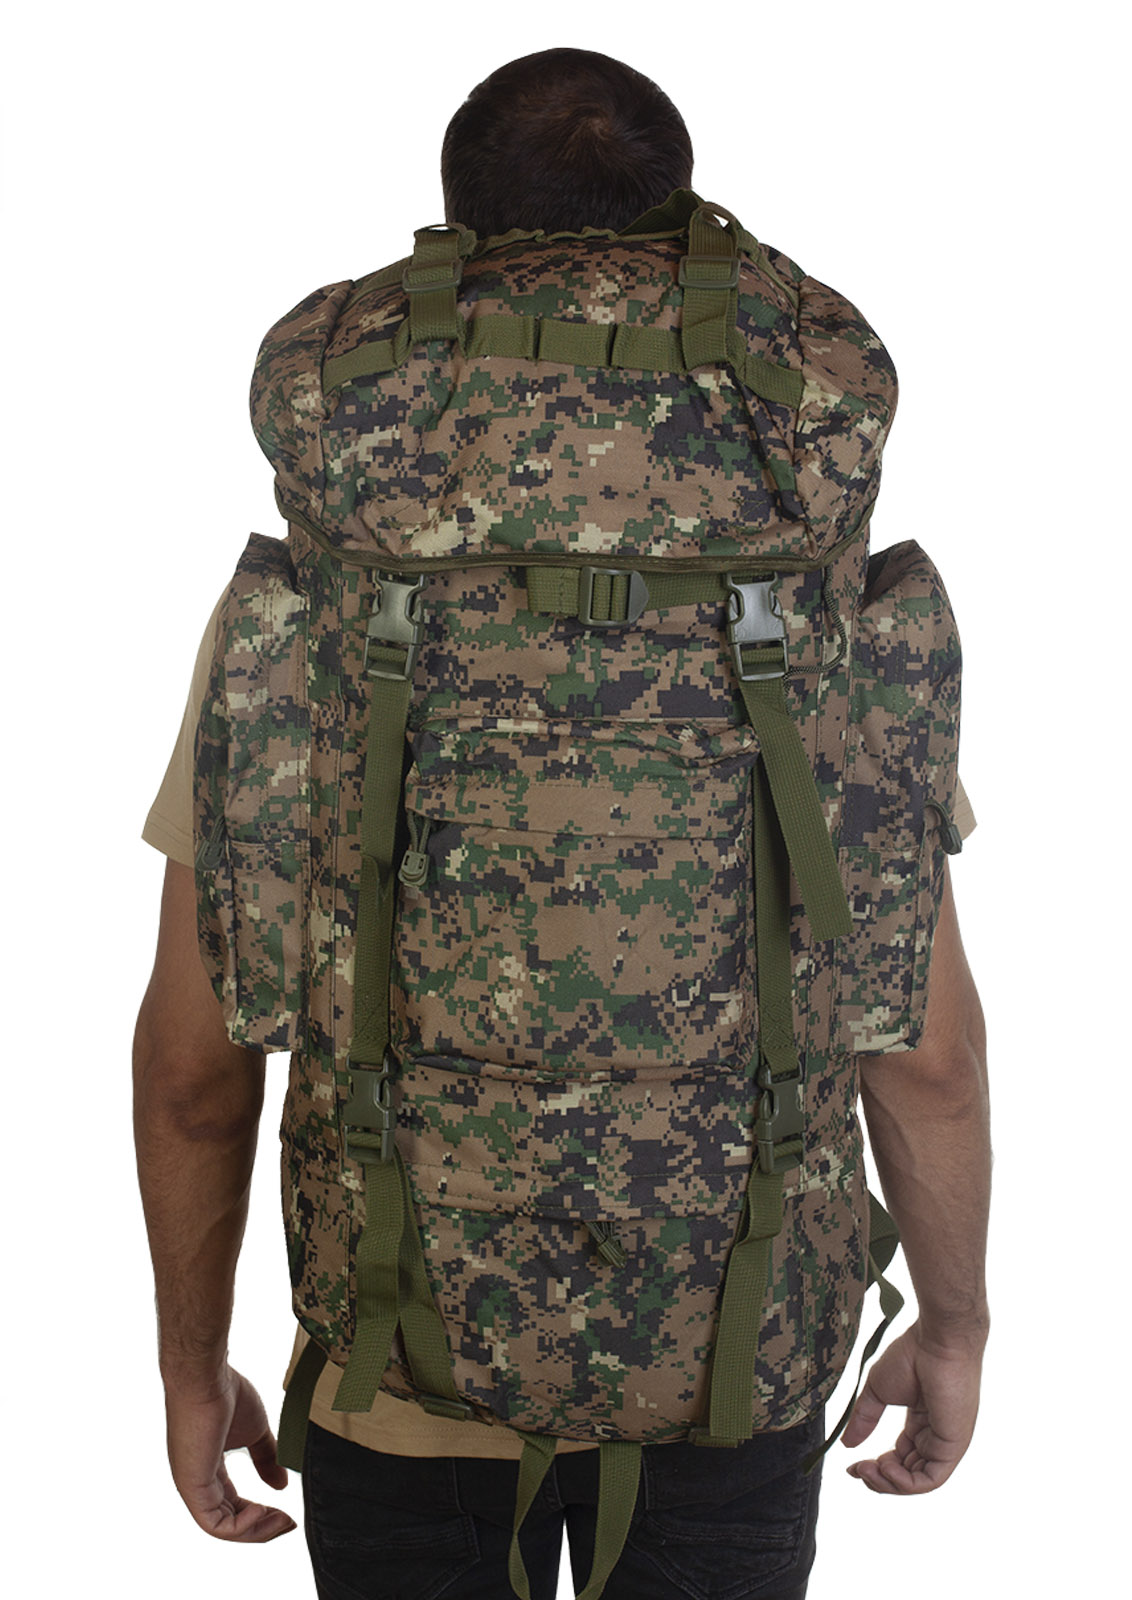 Большой рюкзак для мужчин камуфляжа Digital Woodland - оптом и в розницу